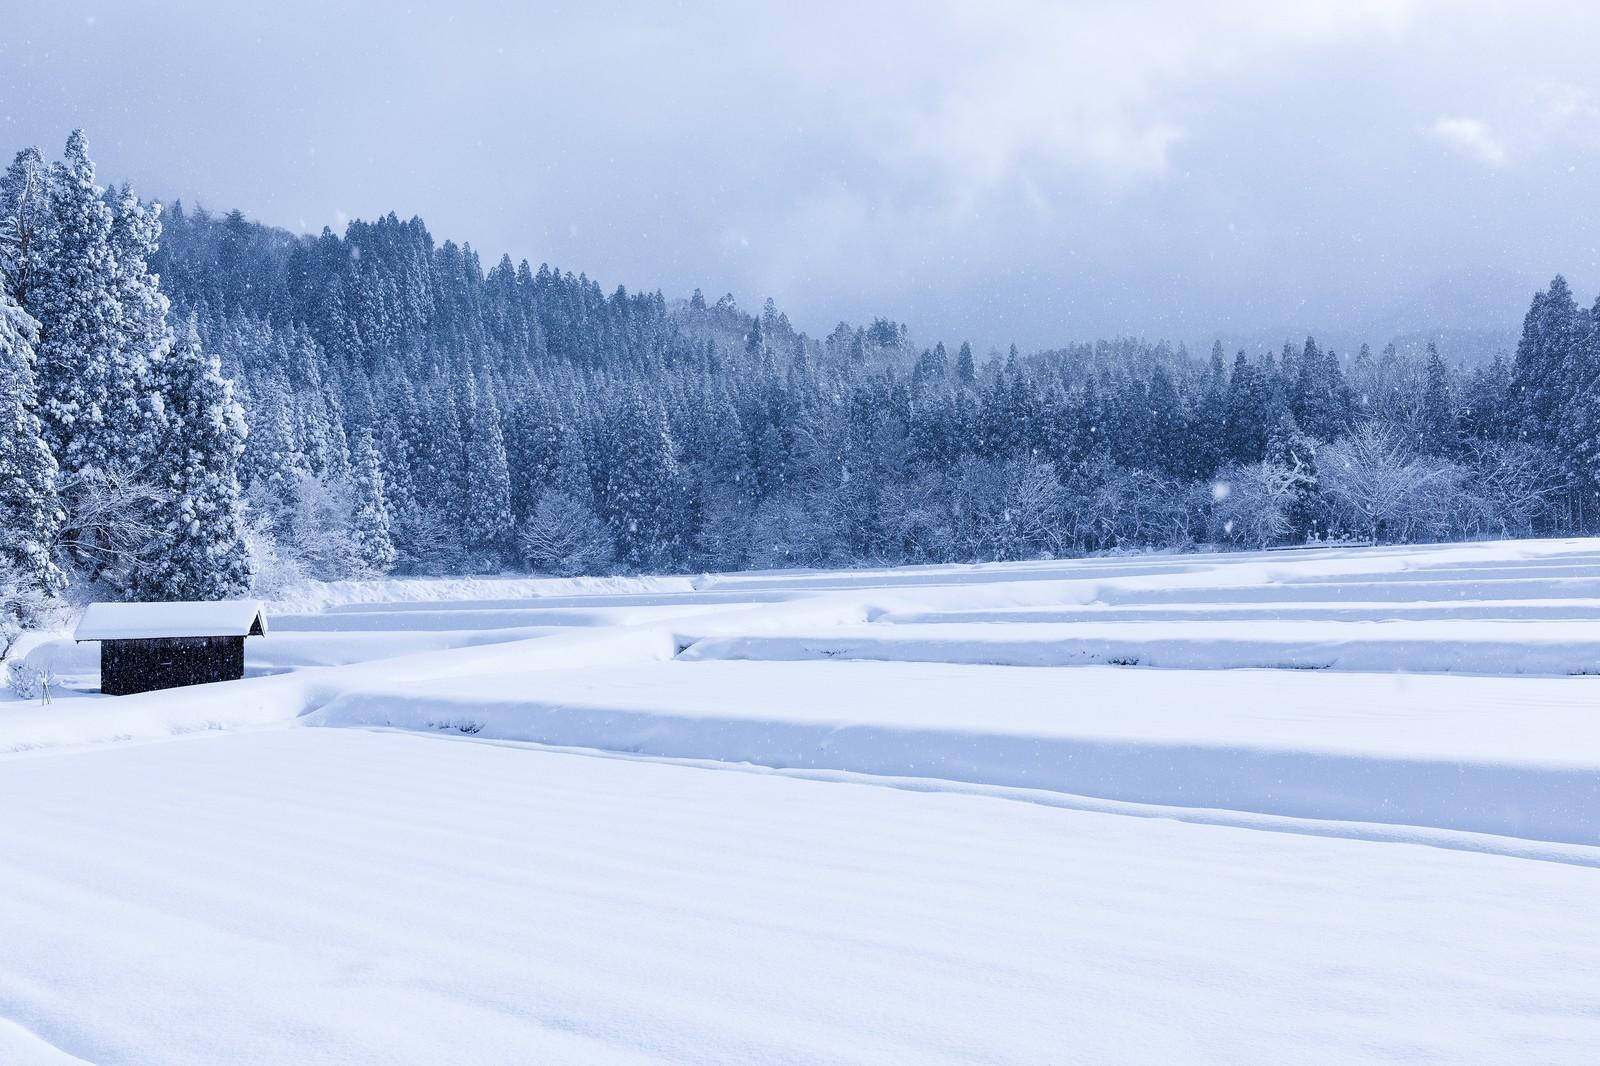 十日町雪まつりの豪華ゲストが話題!日程やアクセス方法・見どころも満載!